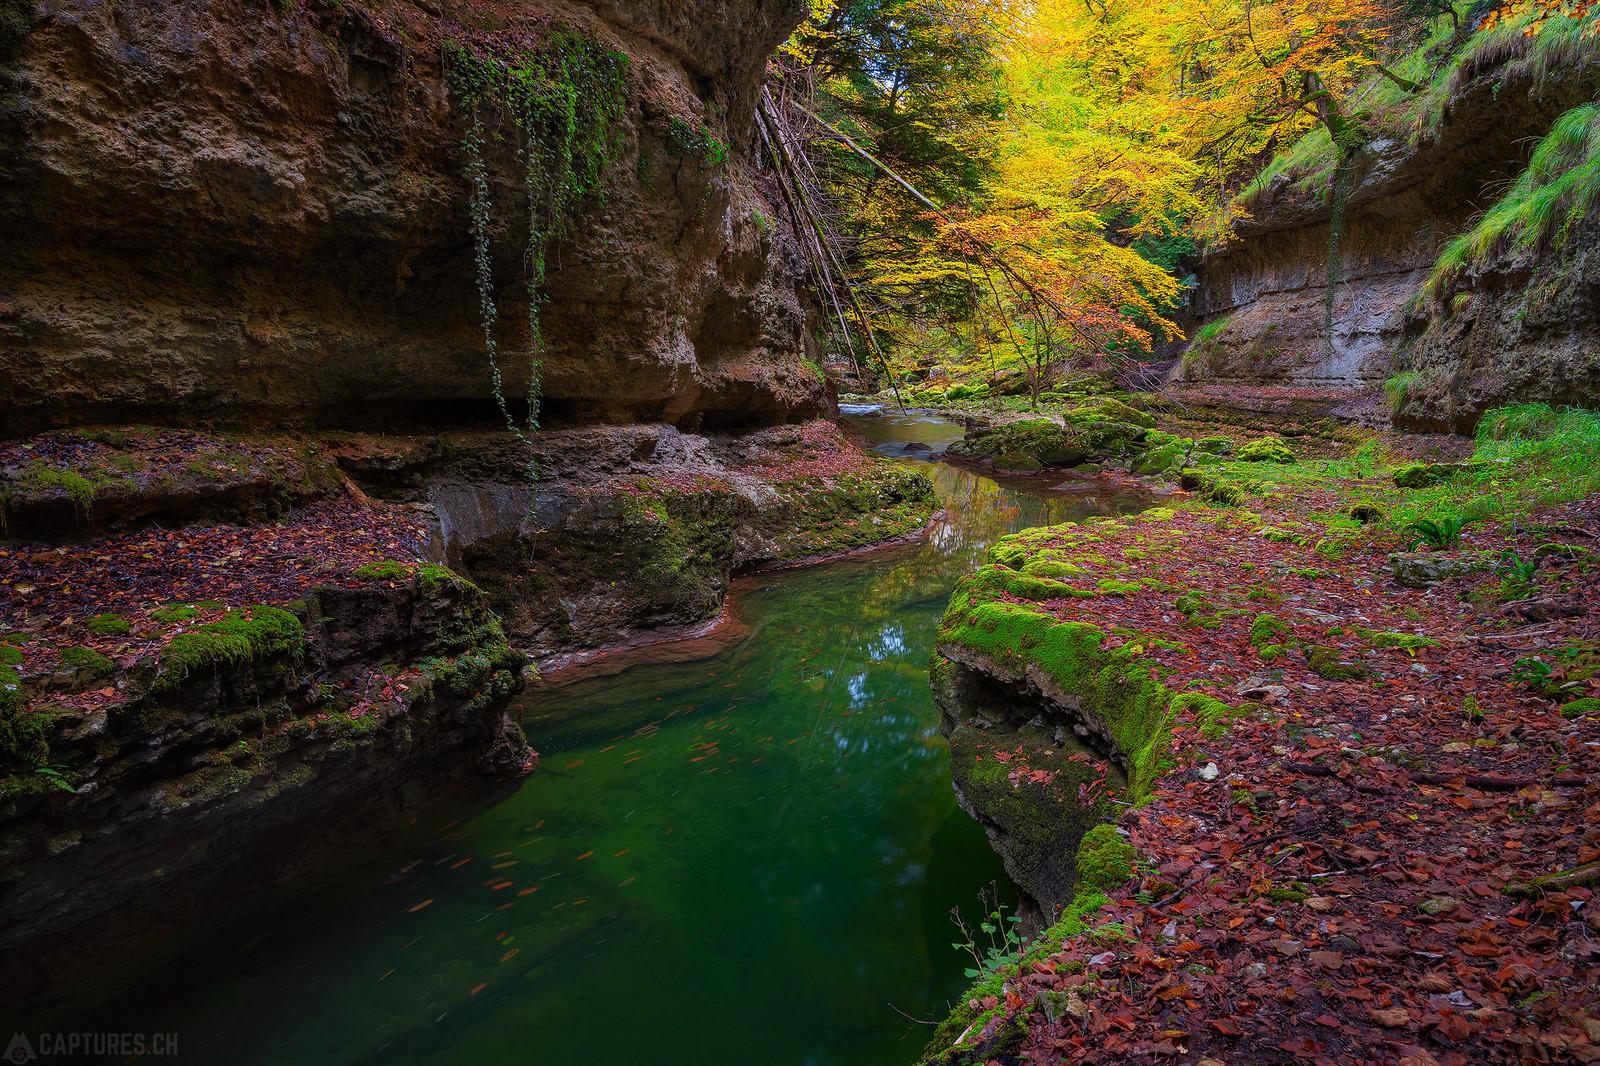 Colored river - Orbe